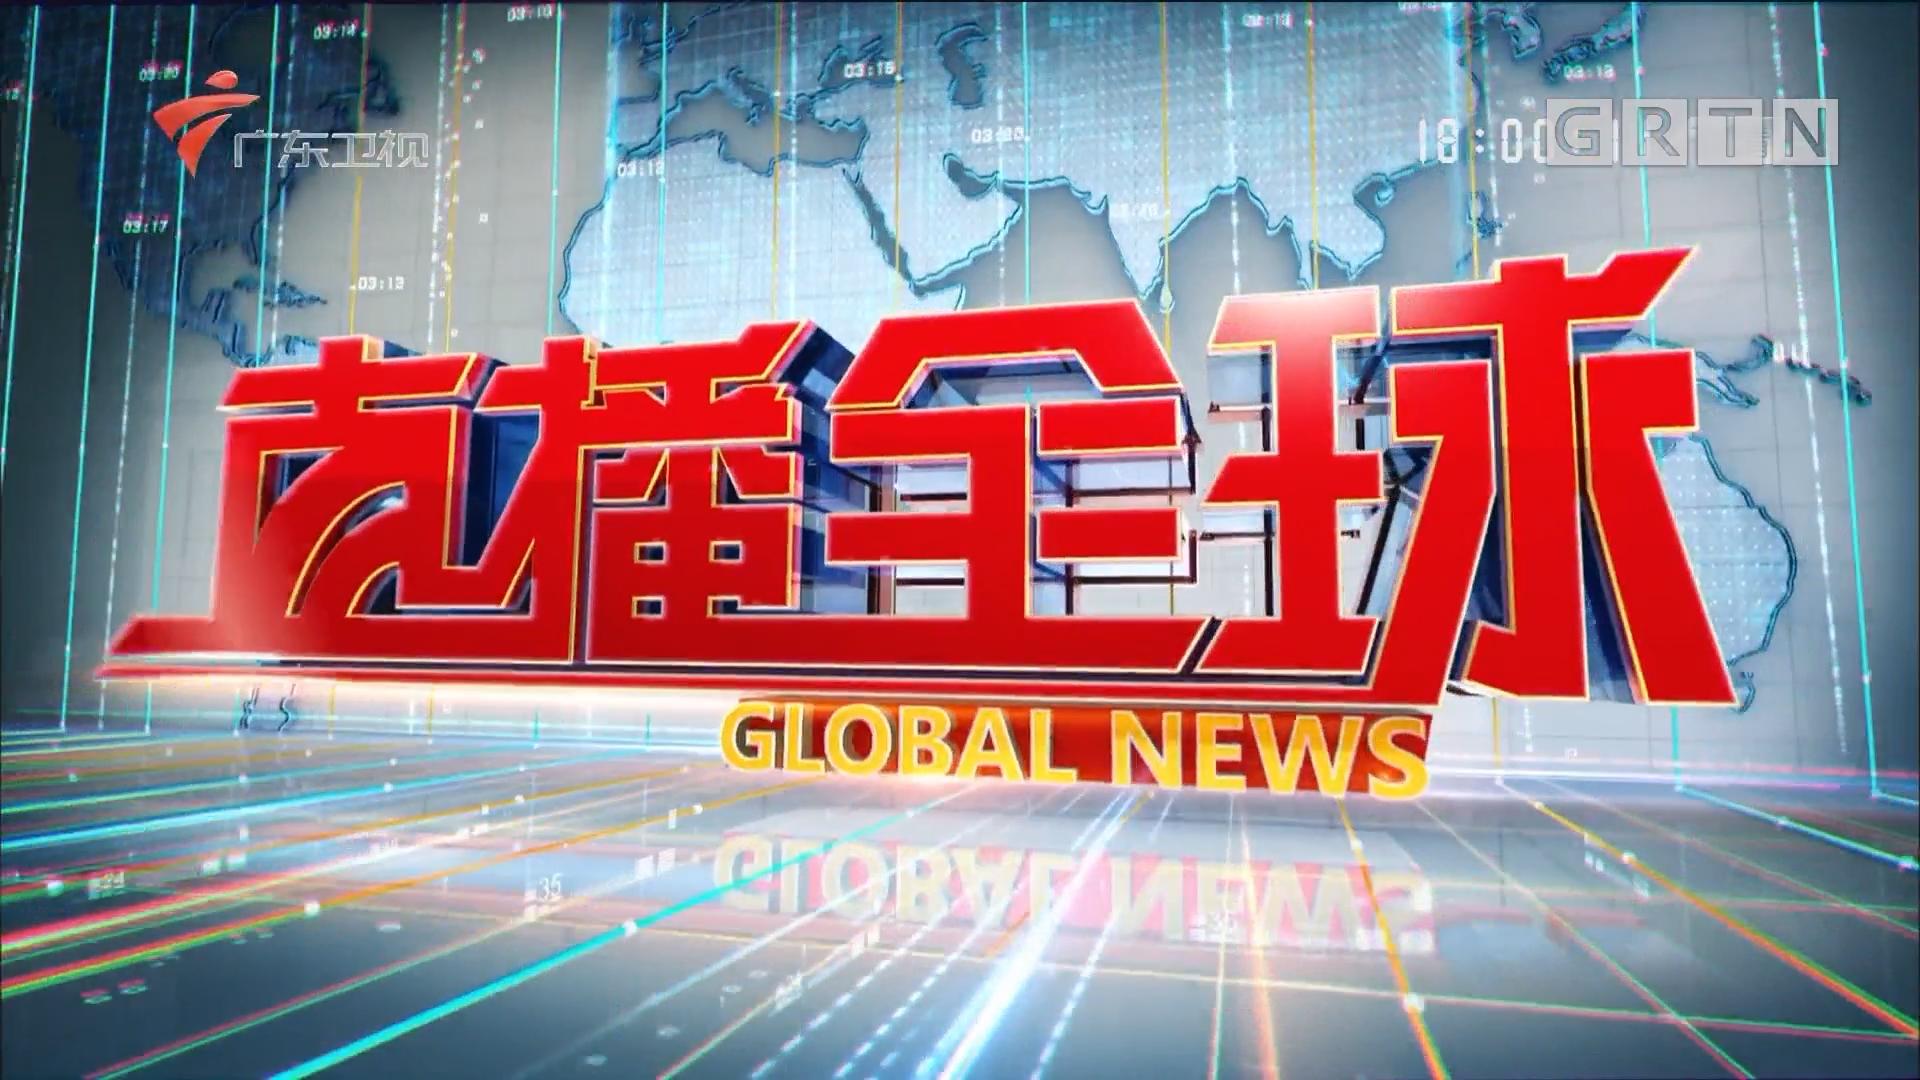 [HD][2018-04-10]直播全球:习近平主席今日在博鳌论坛发表主旨演讲:海南民歌开场 欢迎各位嘉宾